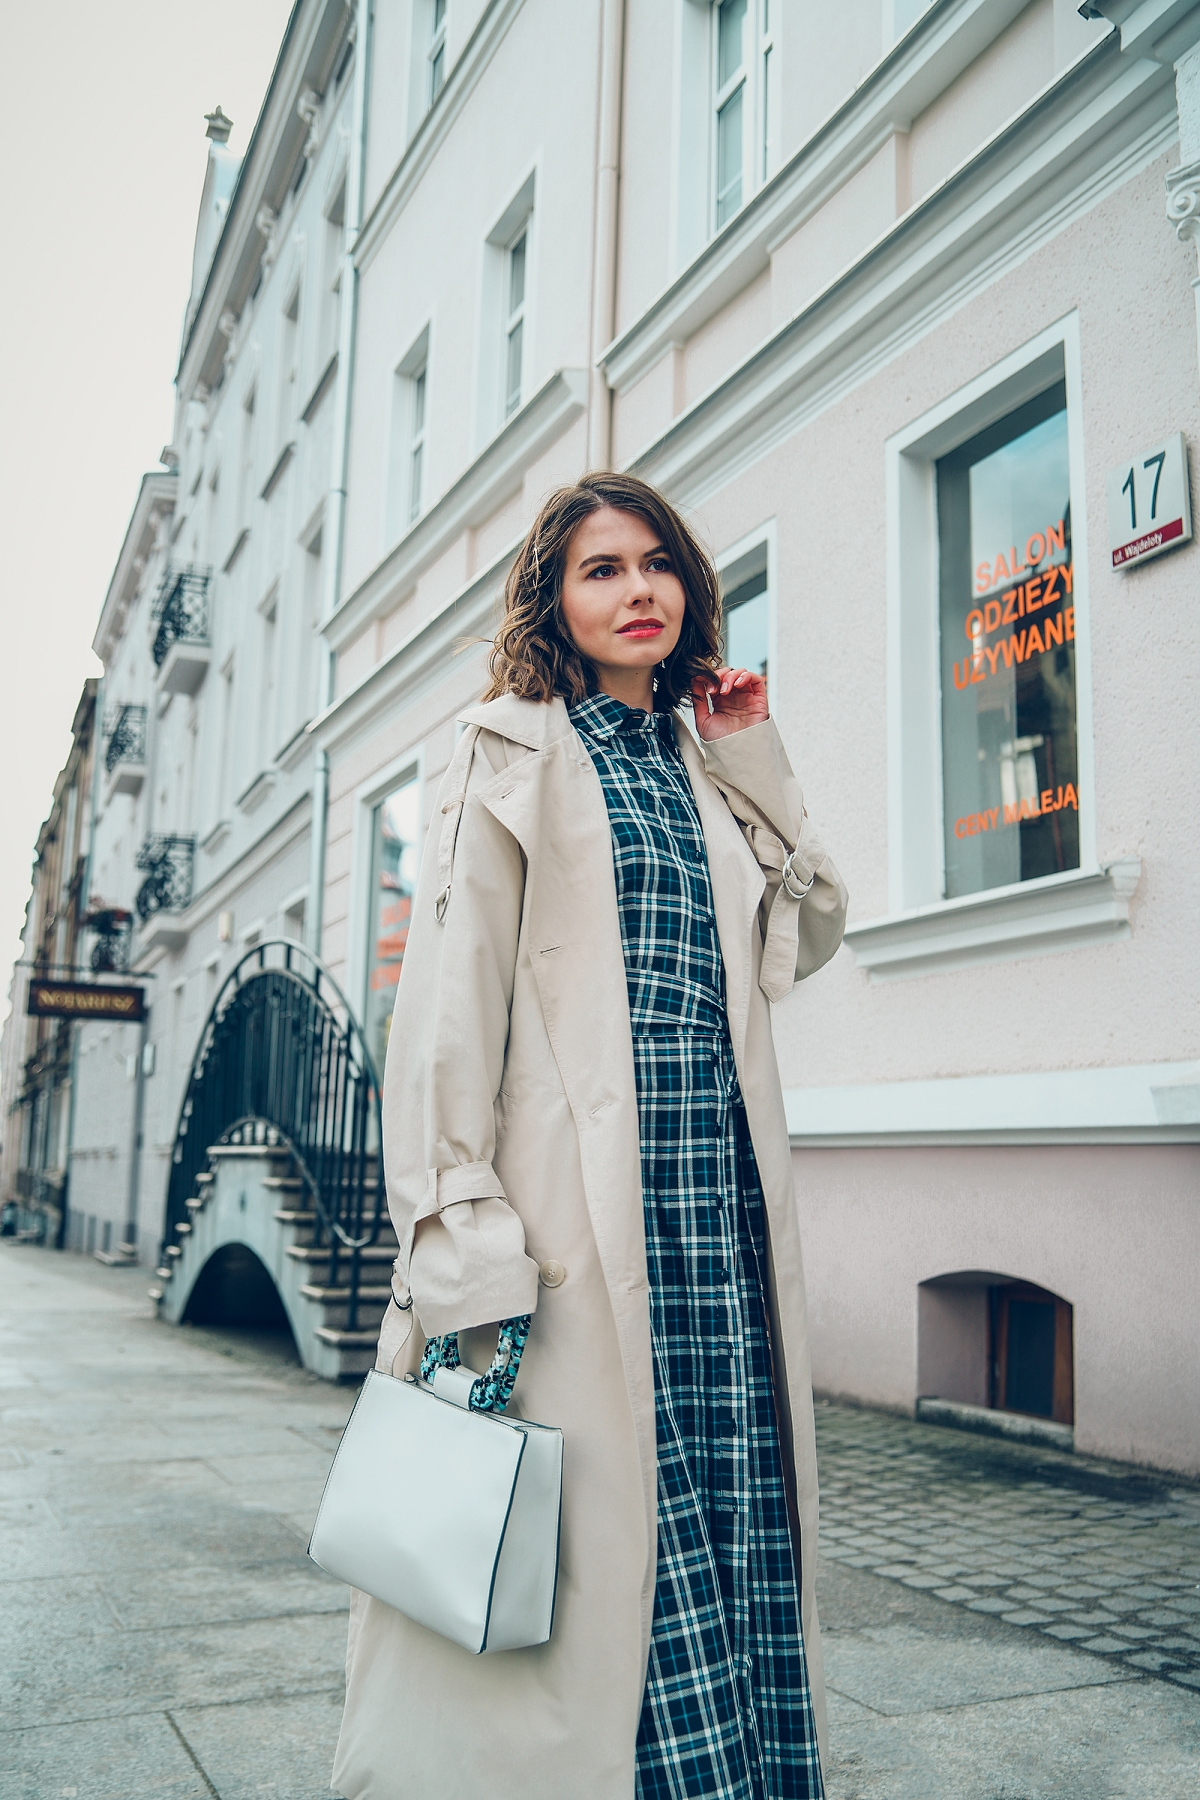 szmizjerka w krate orsay blog modowy street style gdansk